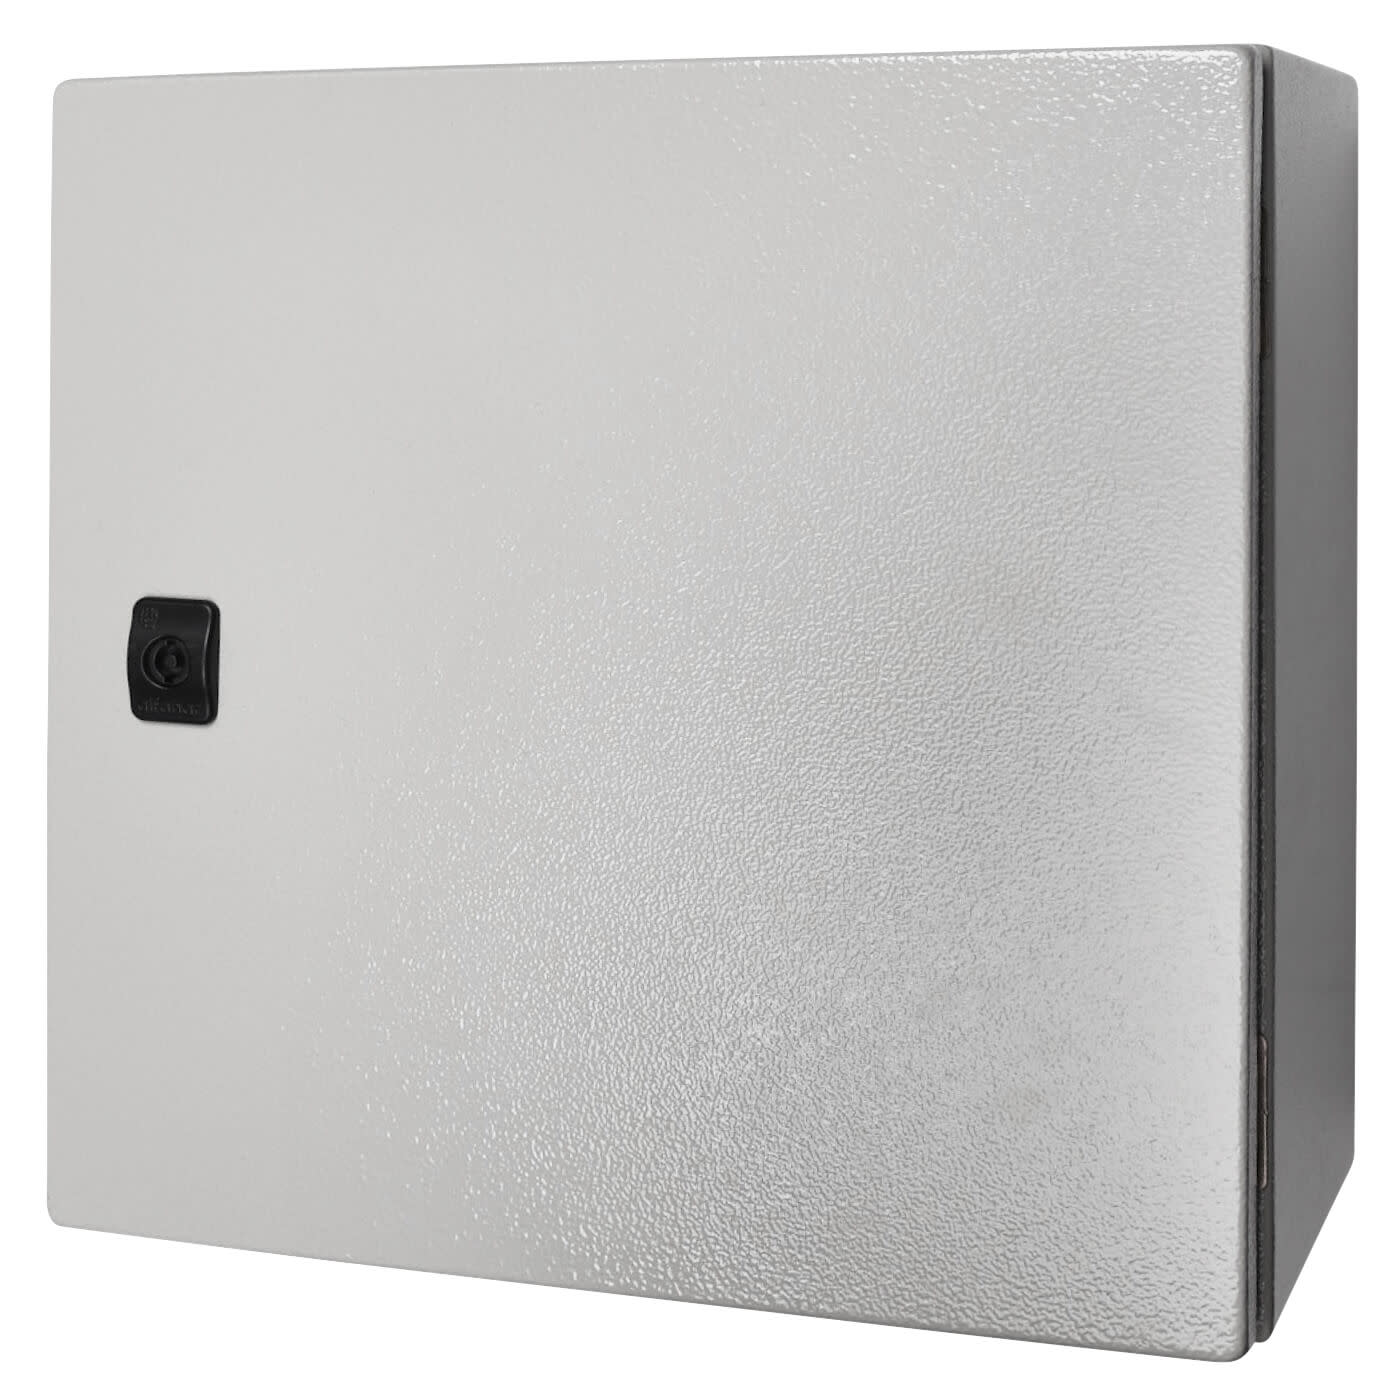 Contactum Defender Service Box - 400 x 400 x 200mm )